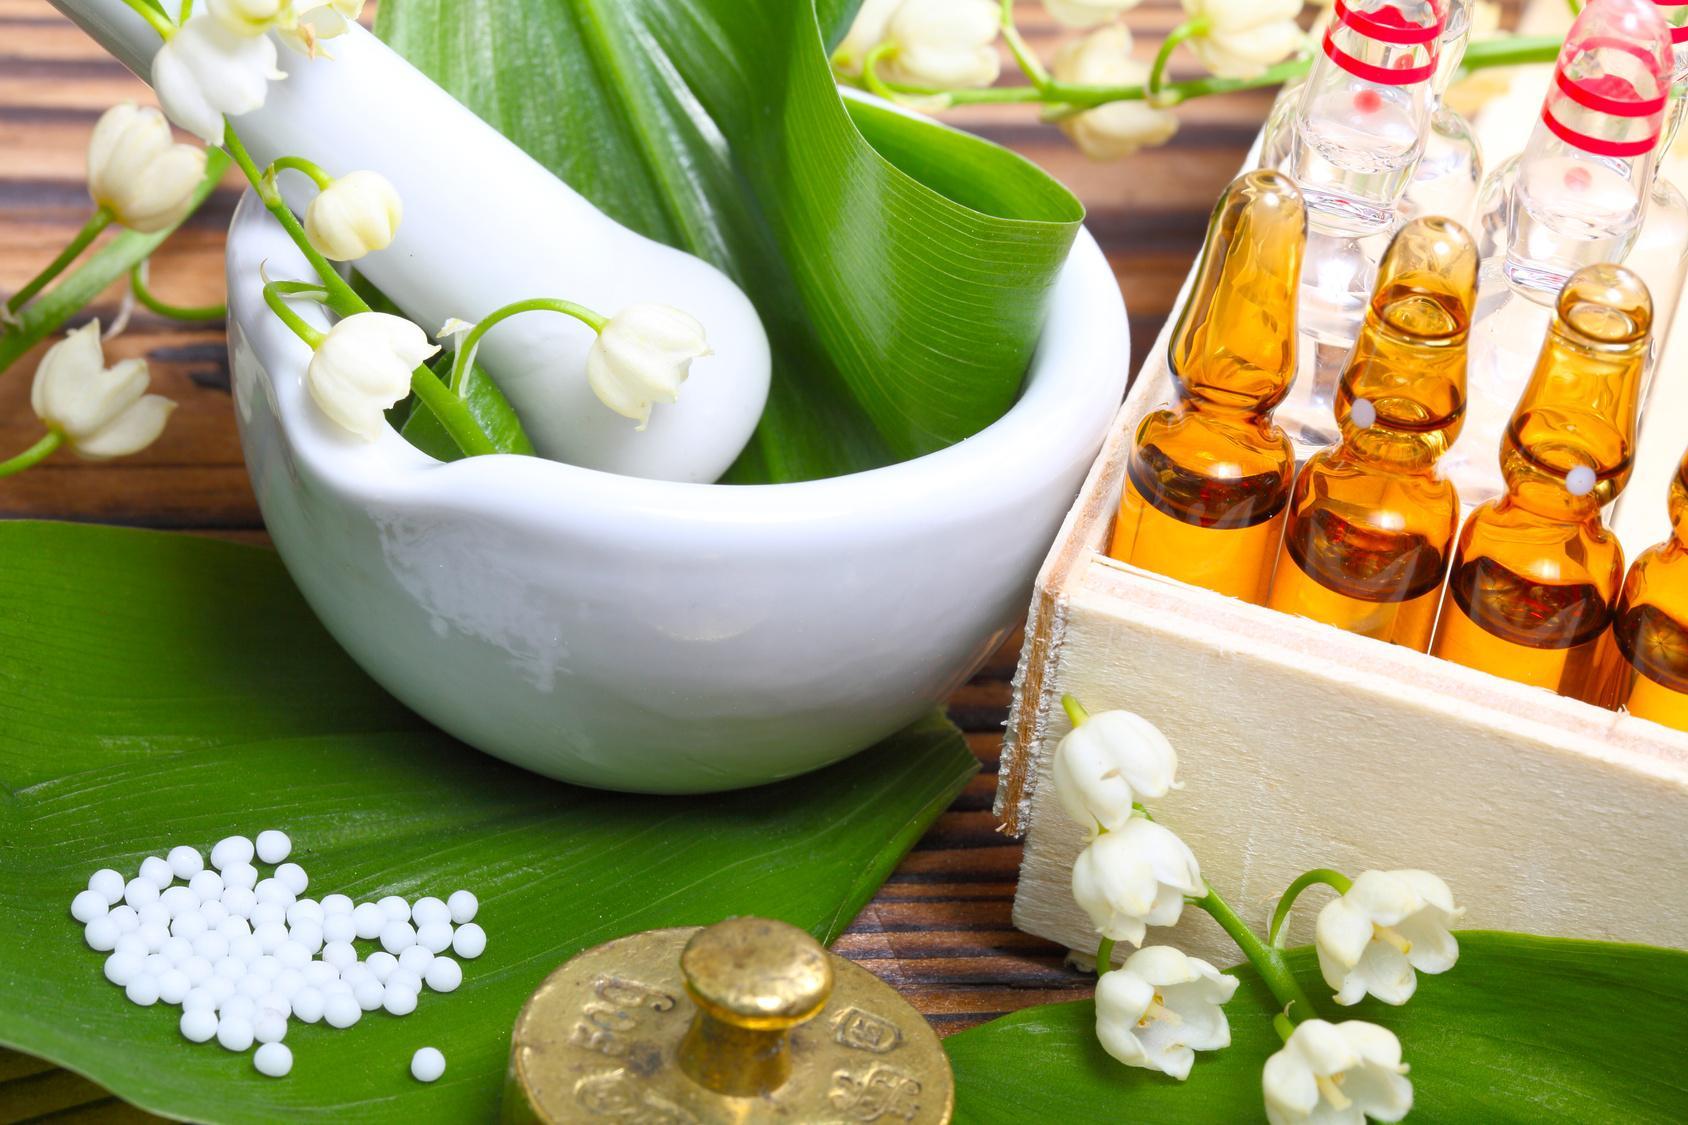 productos homeopáticos para adelgazar